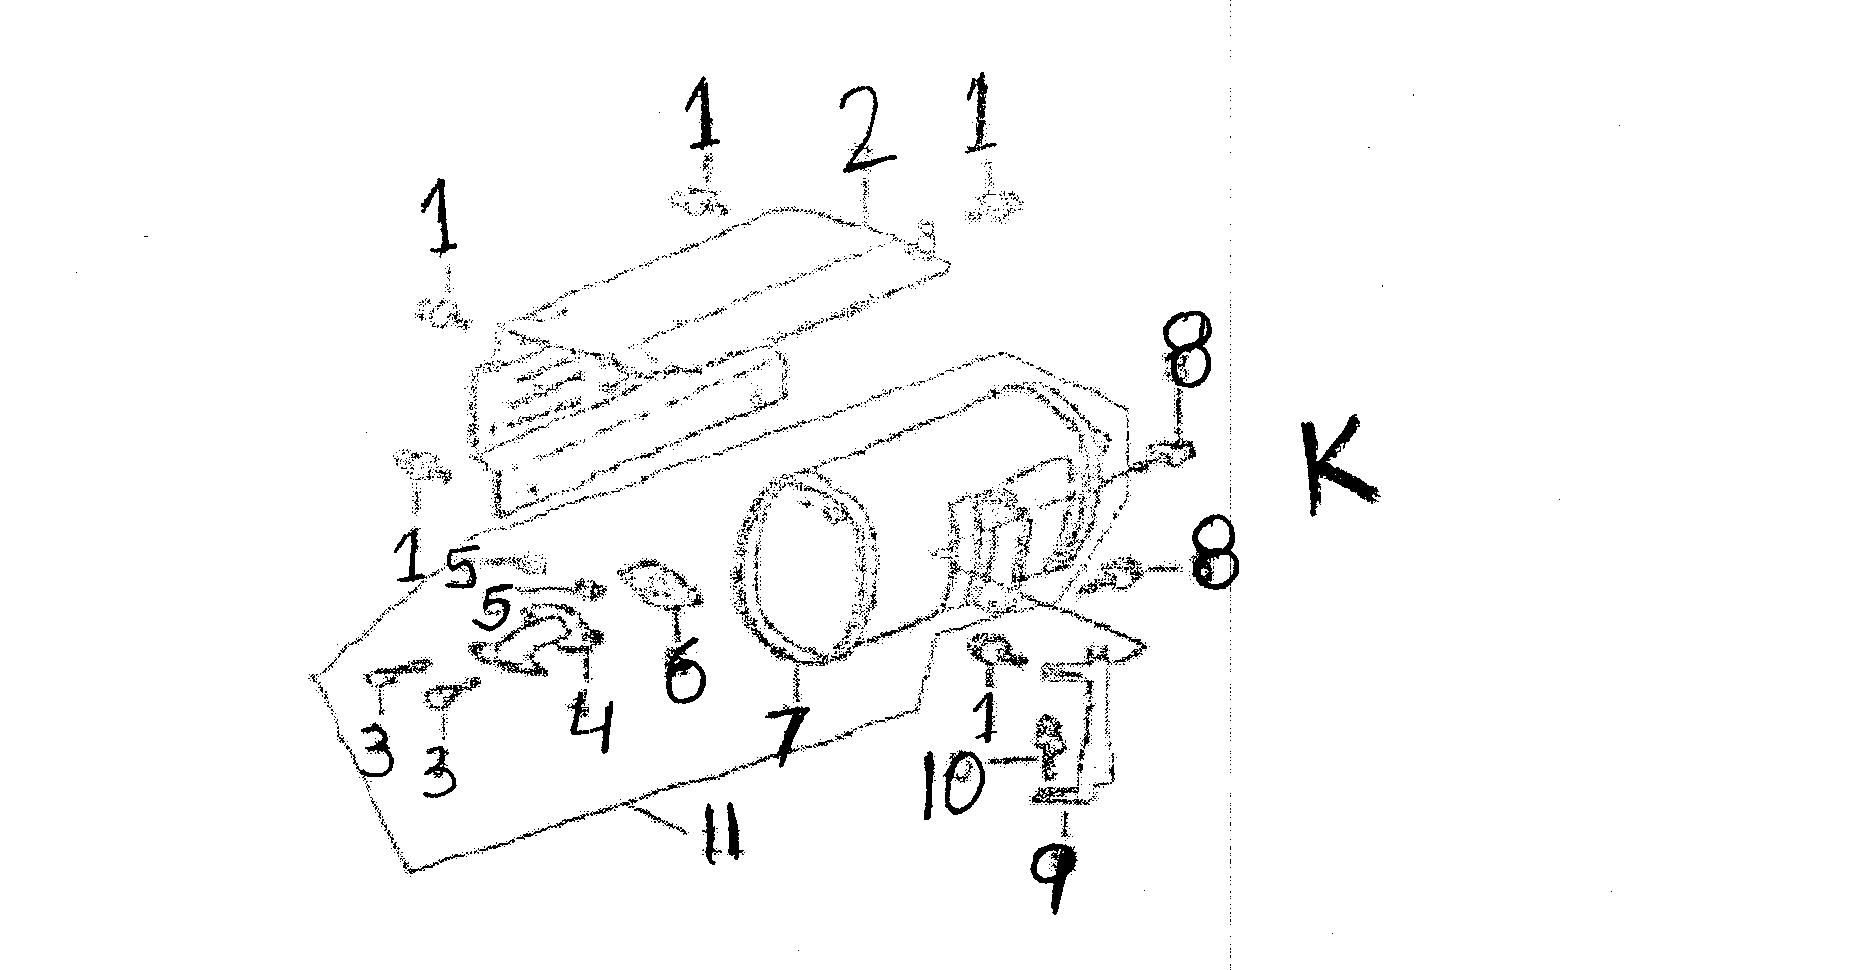 Gentron Generator Wiring Diagram